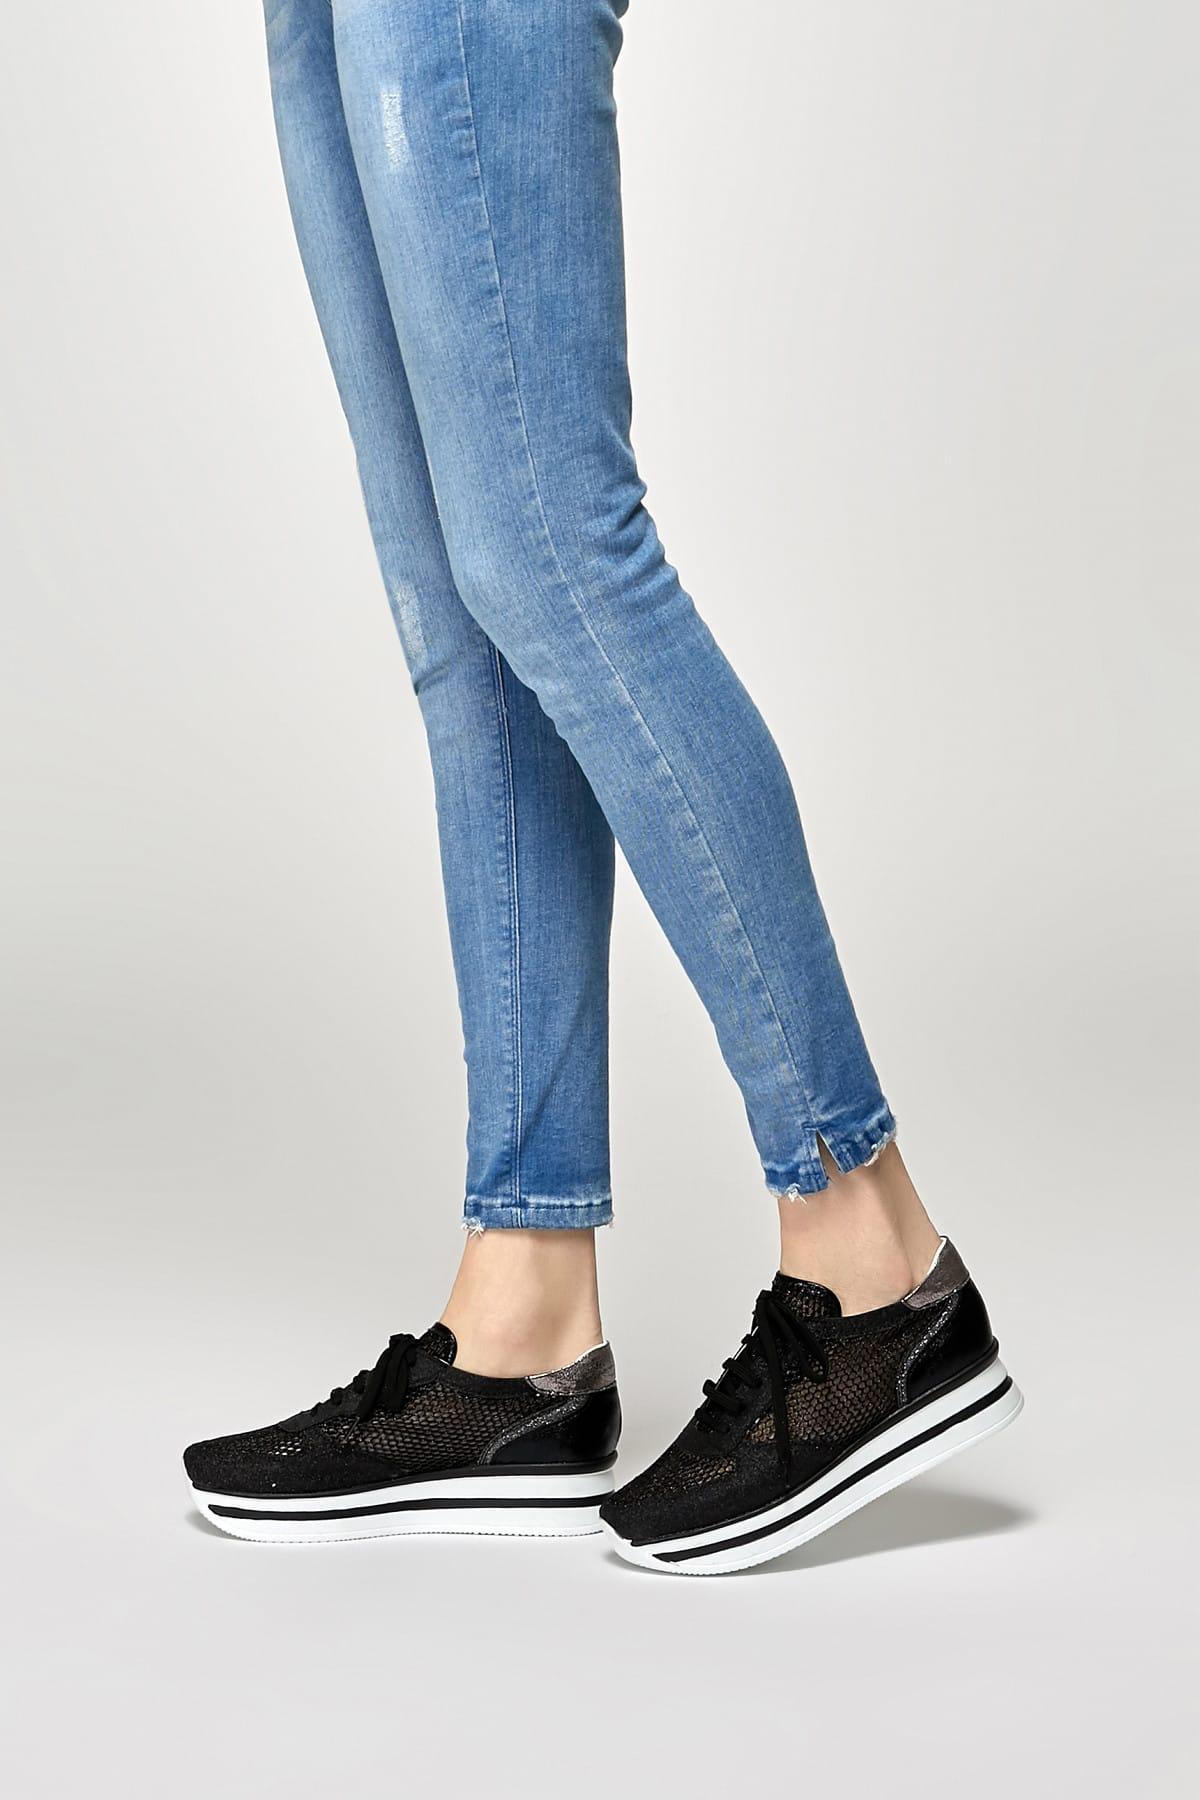 Butigo 19S-003 Siyah Kadın Sneaker Ayakkabı 100372600 1